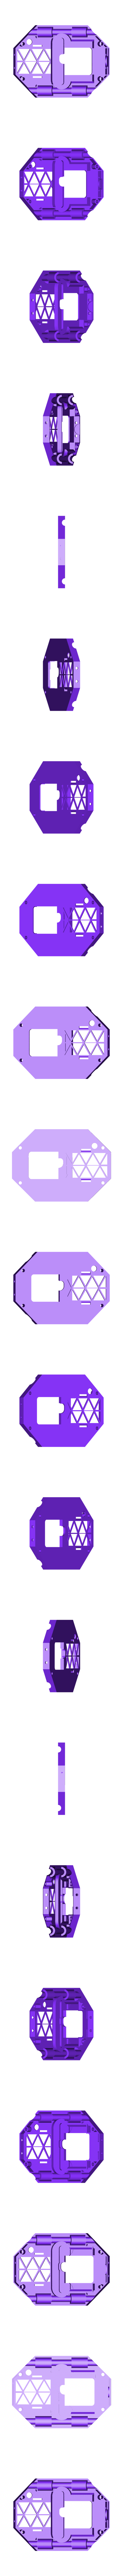 slider_-_bottom.stl Download free STL file Beltless motorized camera slider • 3D print object, Tuitxy